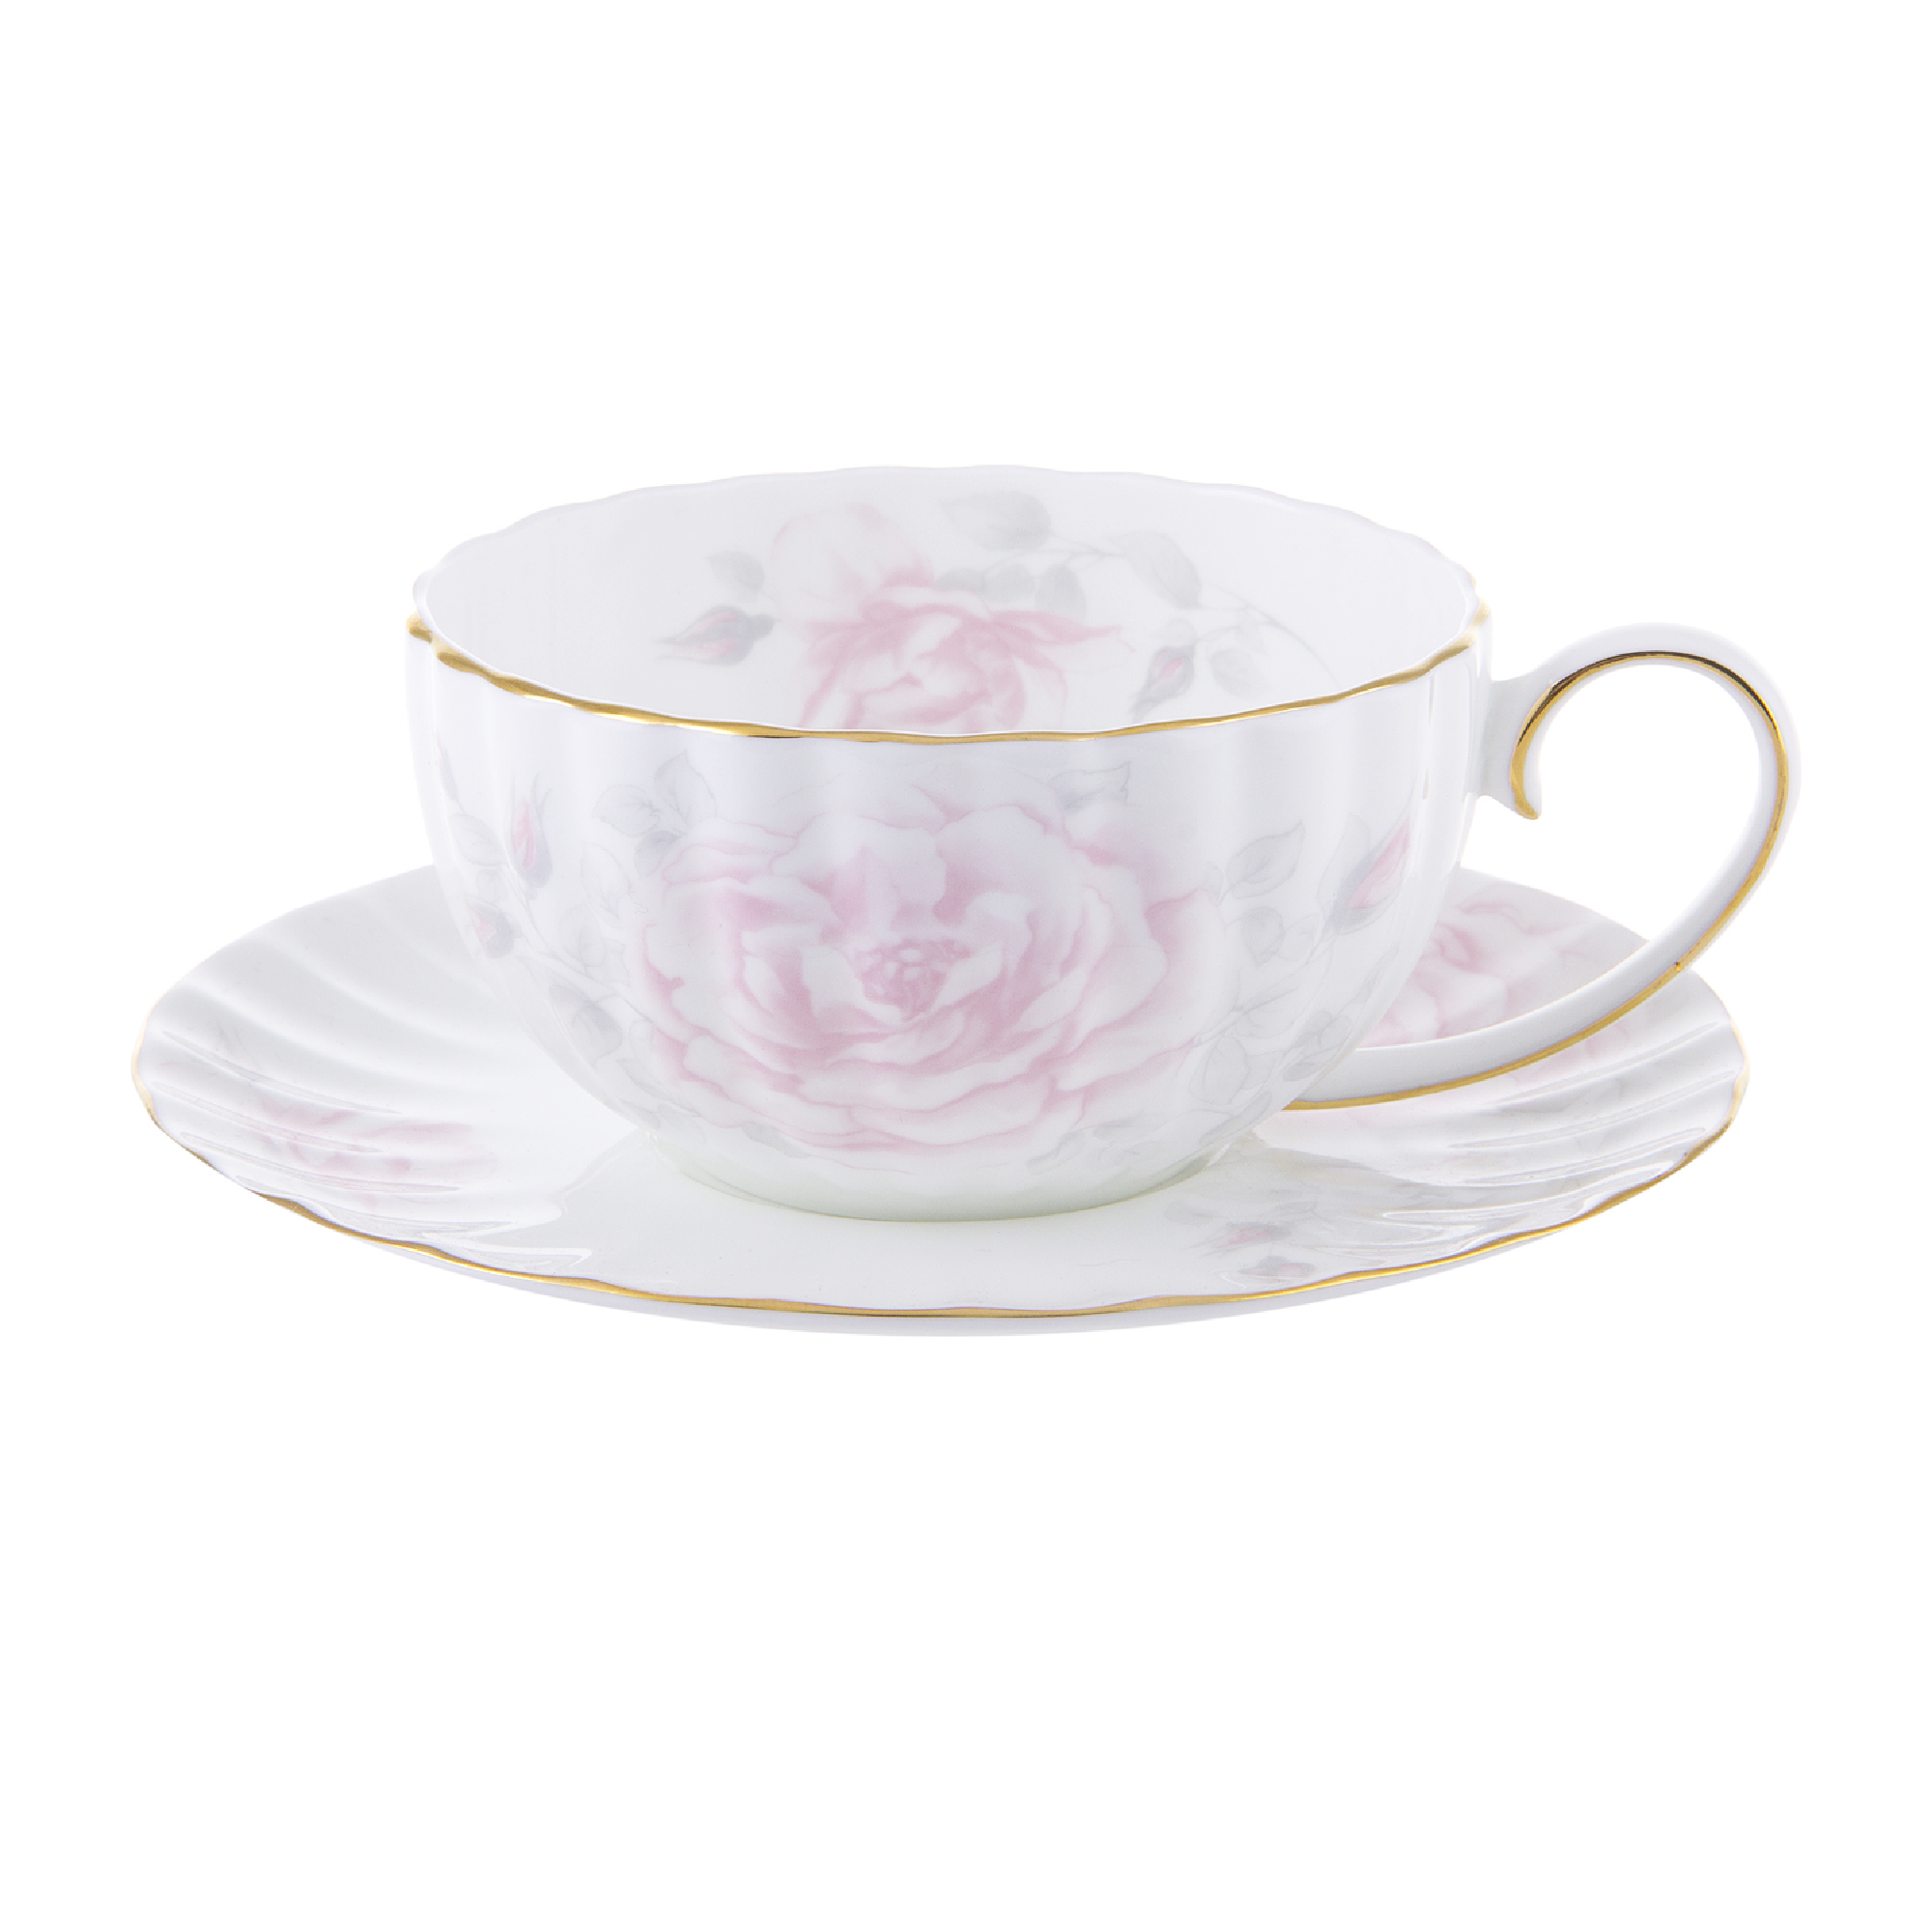 Пара чайная 370 мл шиповник з,л, Hatori чайная пара старая в з